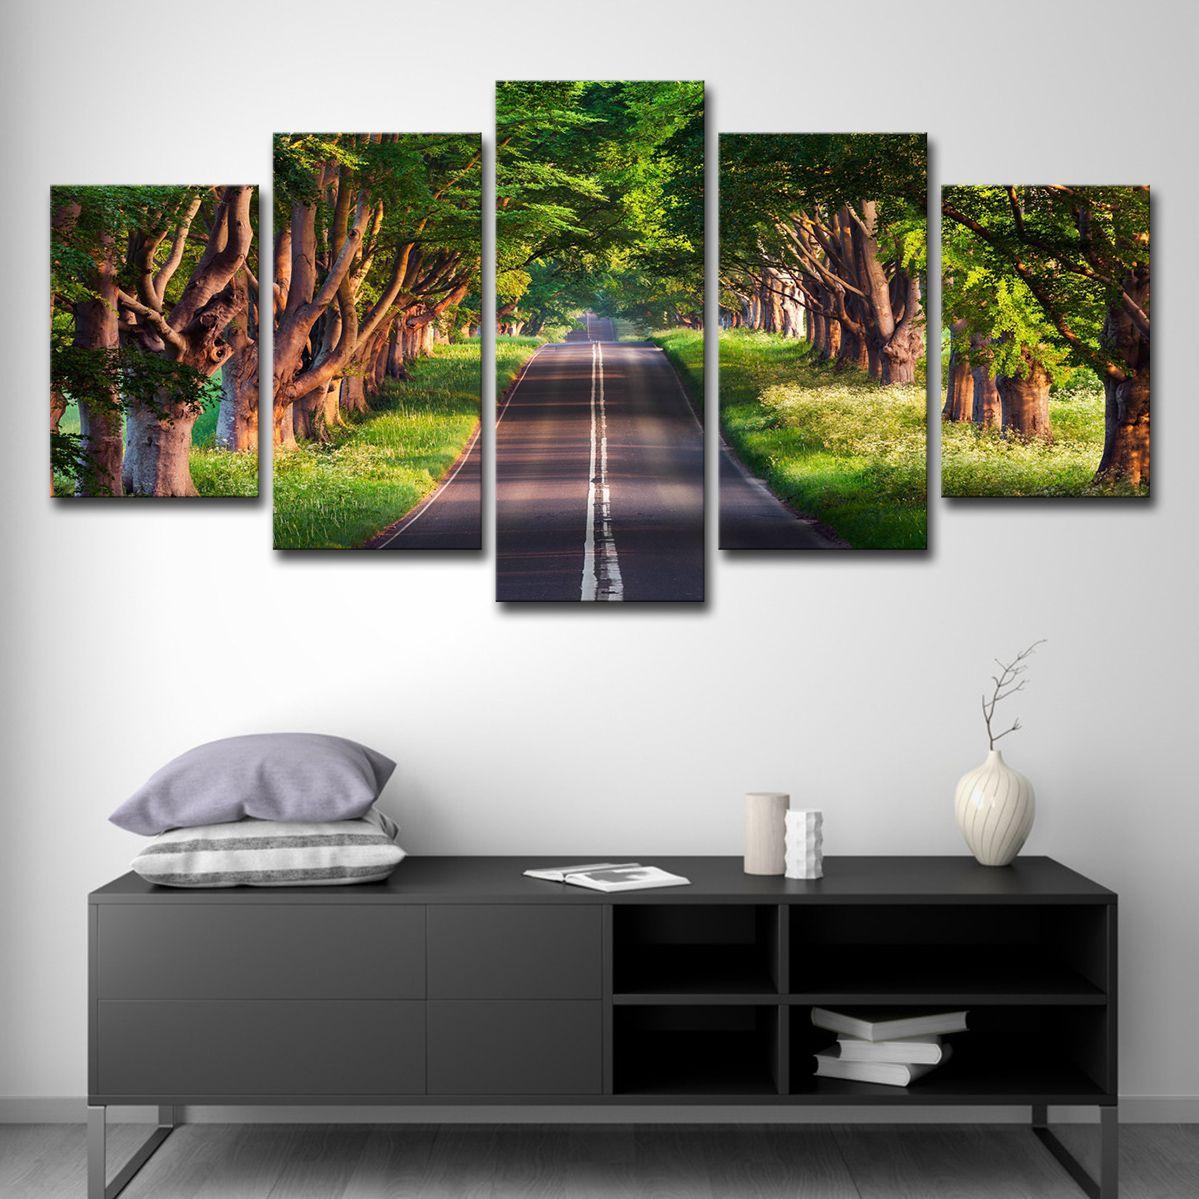 Холст картины HD печатает 5 штук путь в лесистой местности плакат Лесной тропа дерево фотографии домашнего декора гостиной стены искусства